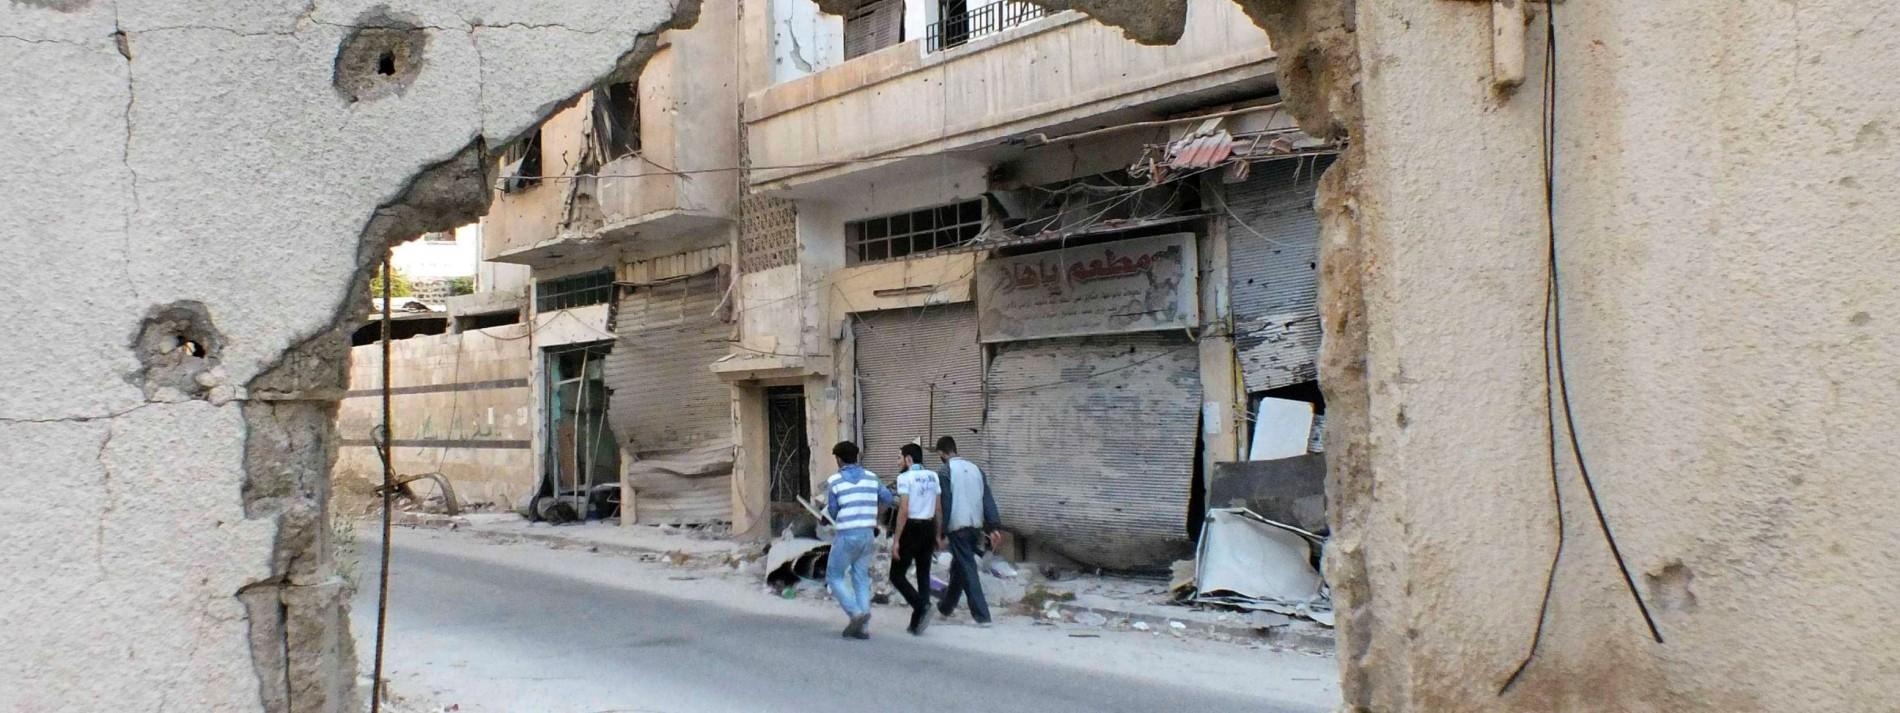 Syrien gibt erste Erklärung ab